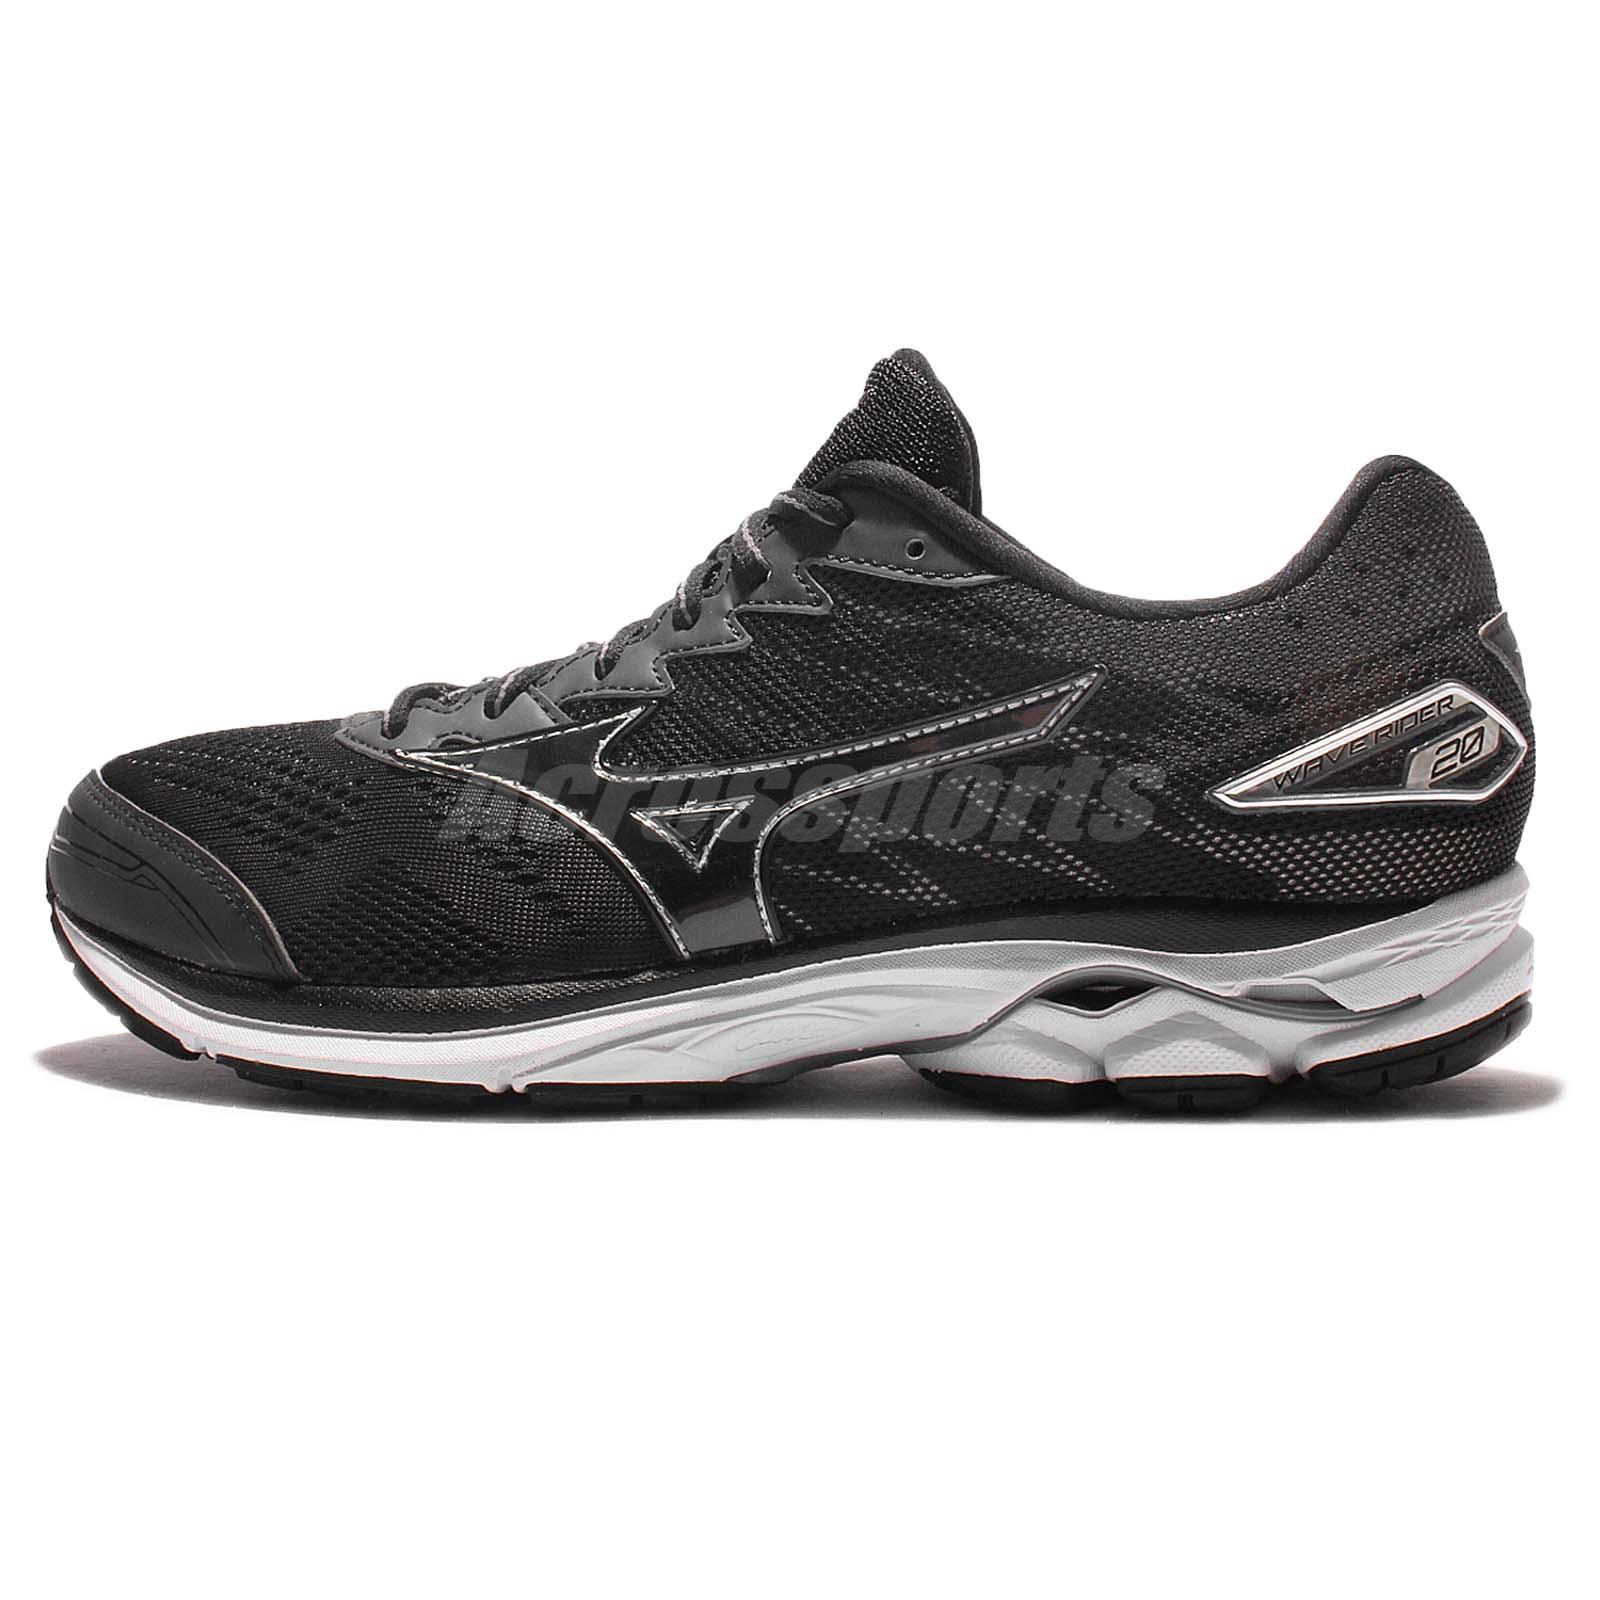 mens 2e shoes